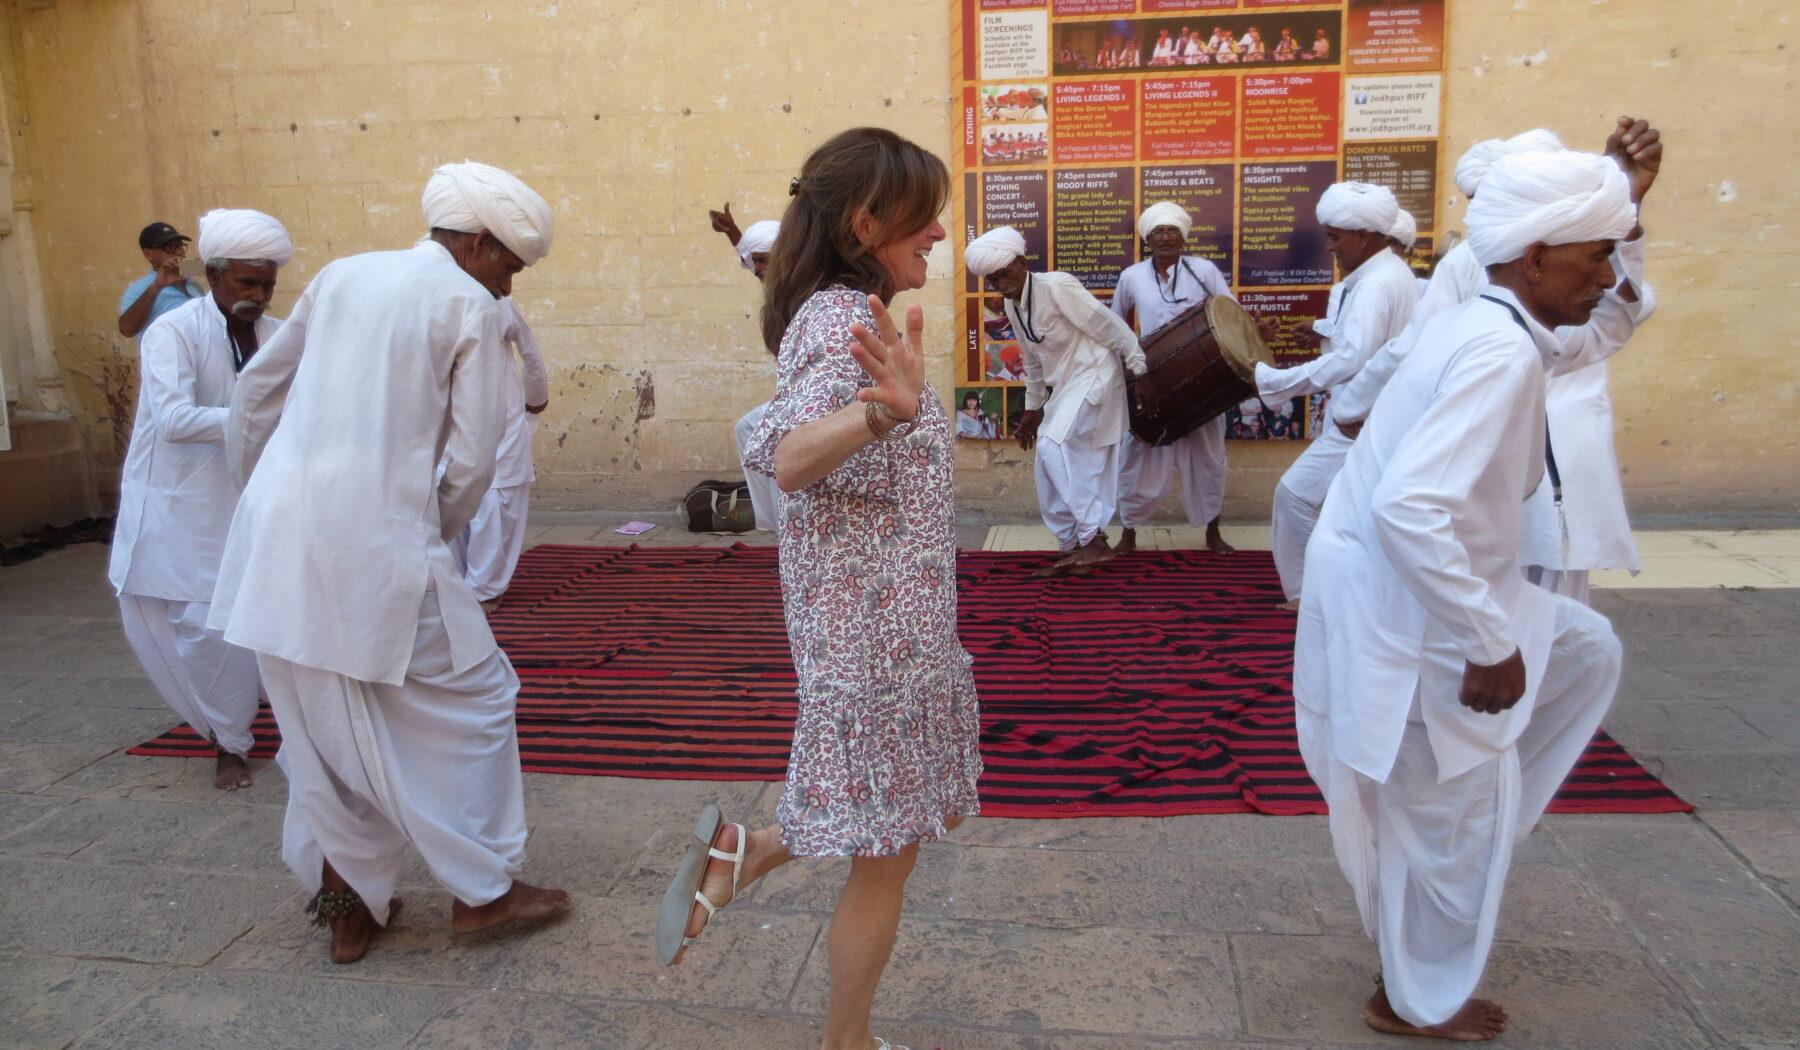 Rajasthan International Folk Festival, Jodhpur India